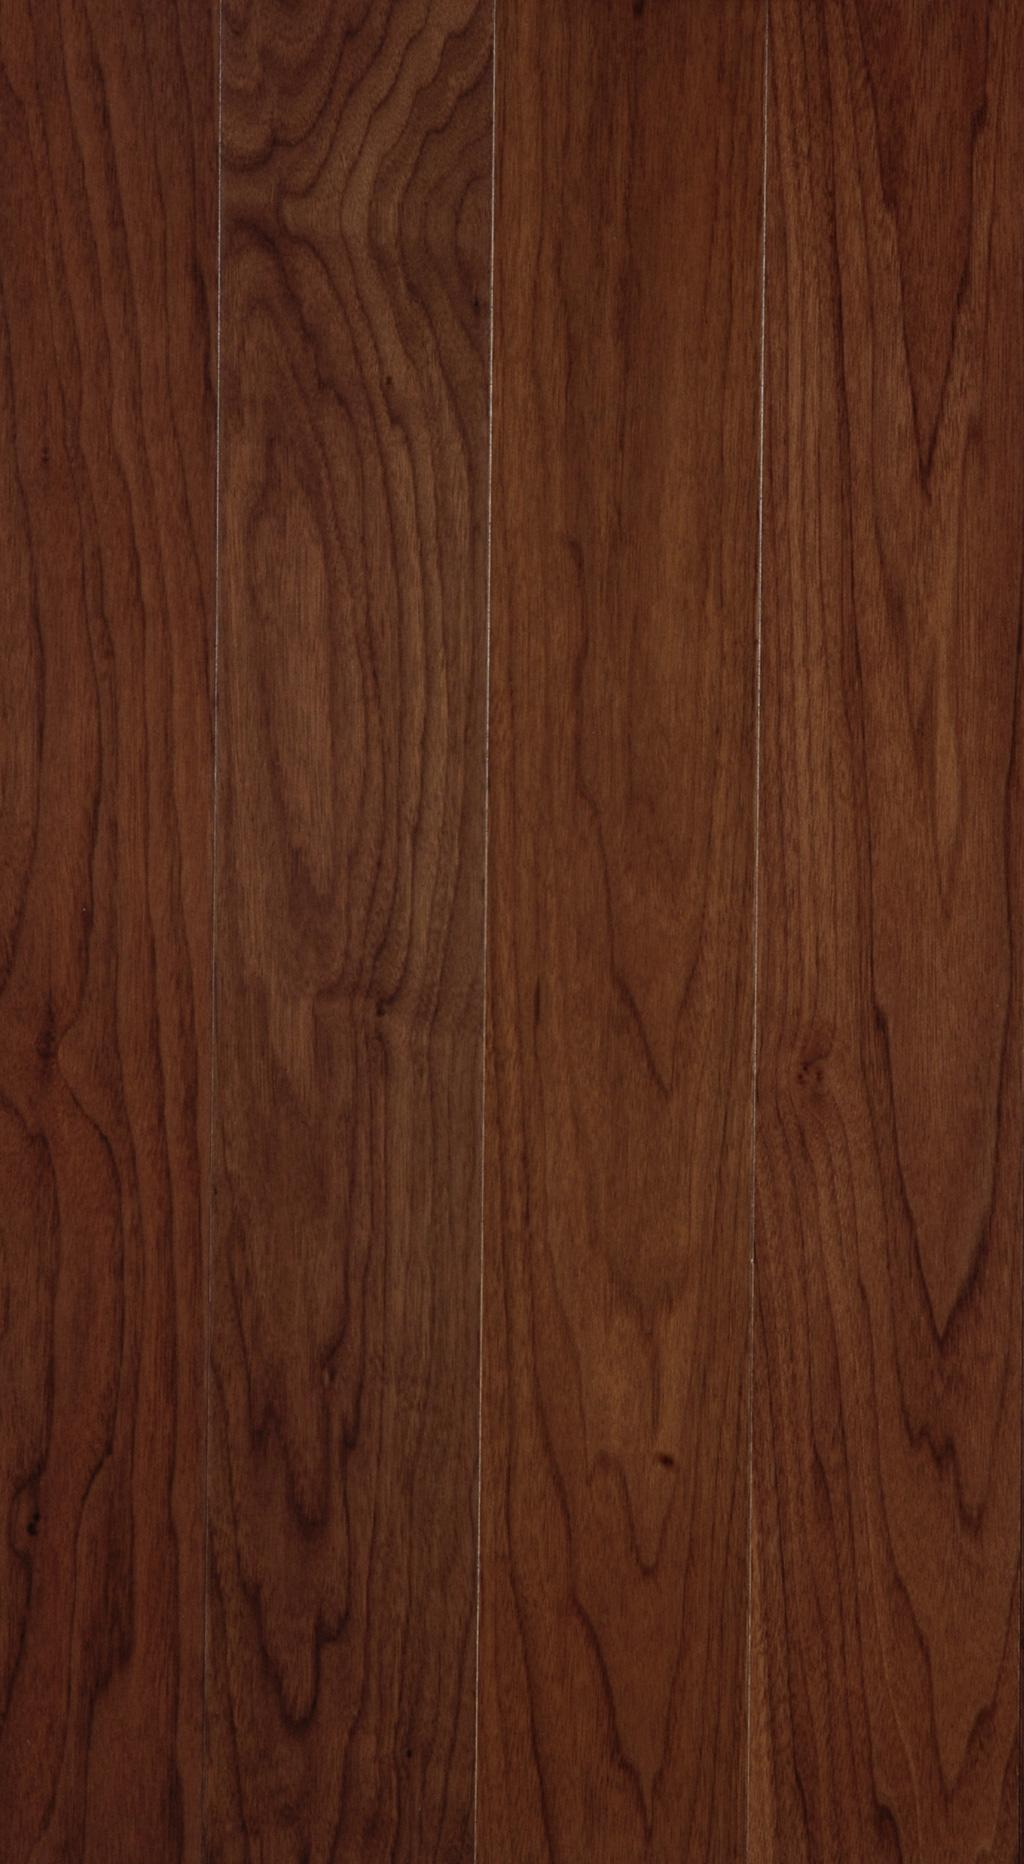 新生活家实木复合地板-普通板-黑胡桃黑胡桃